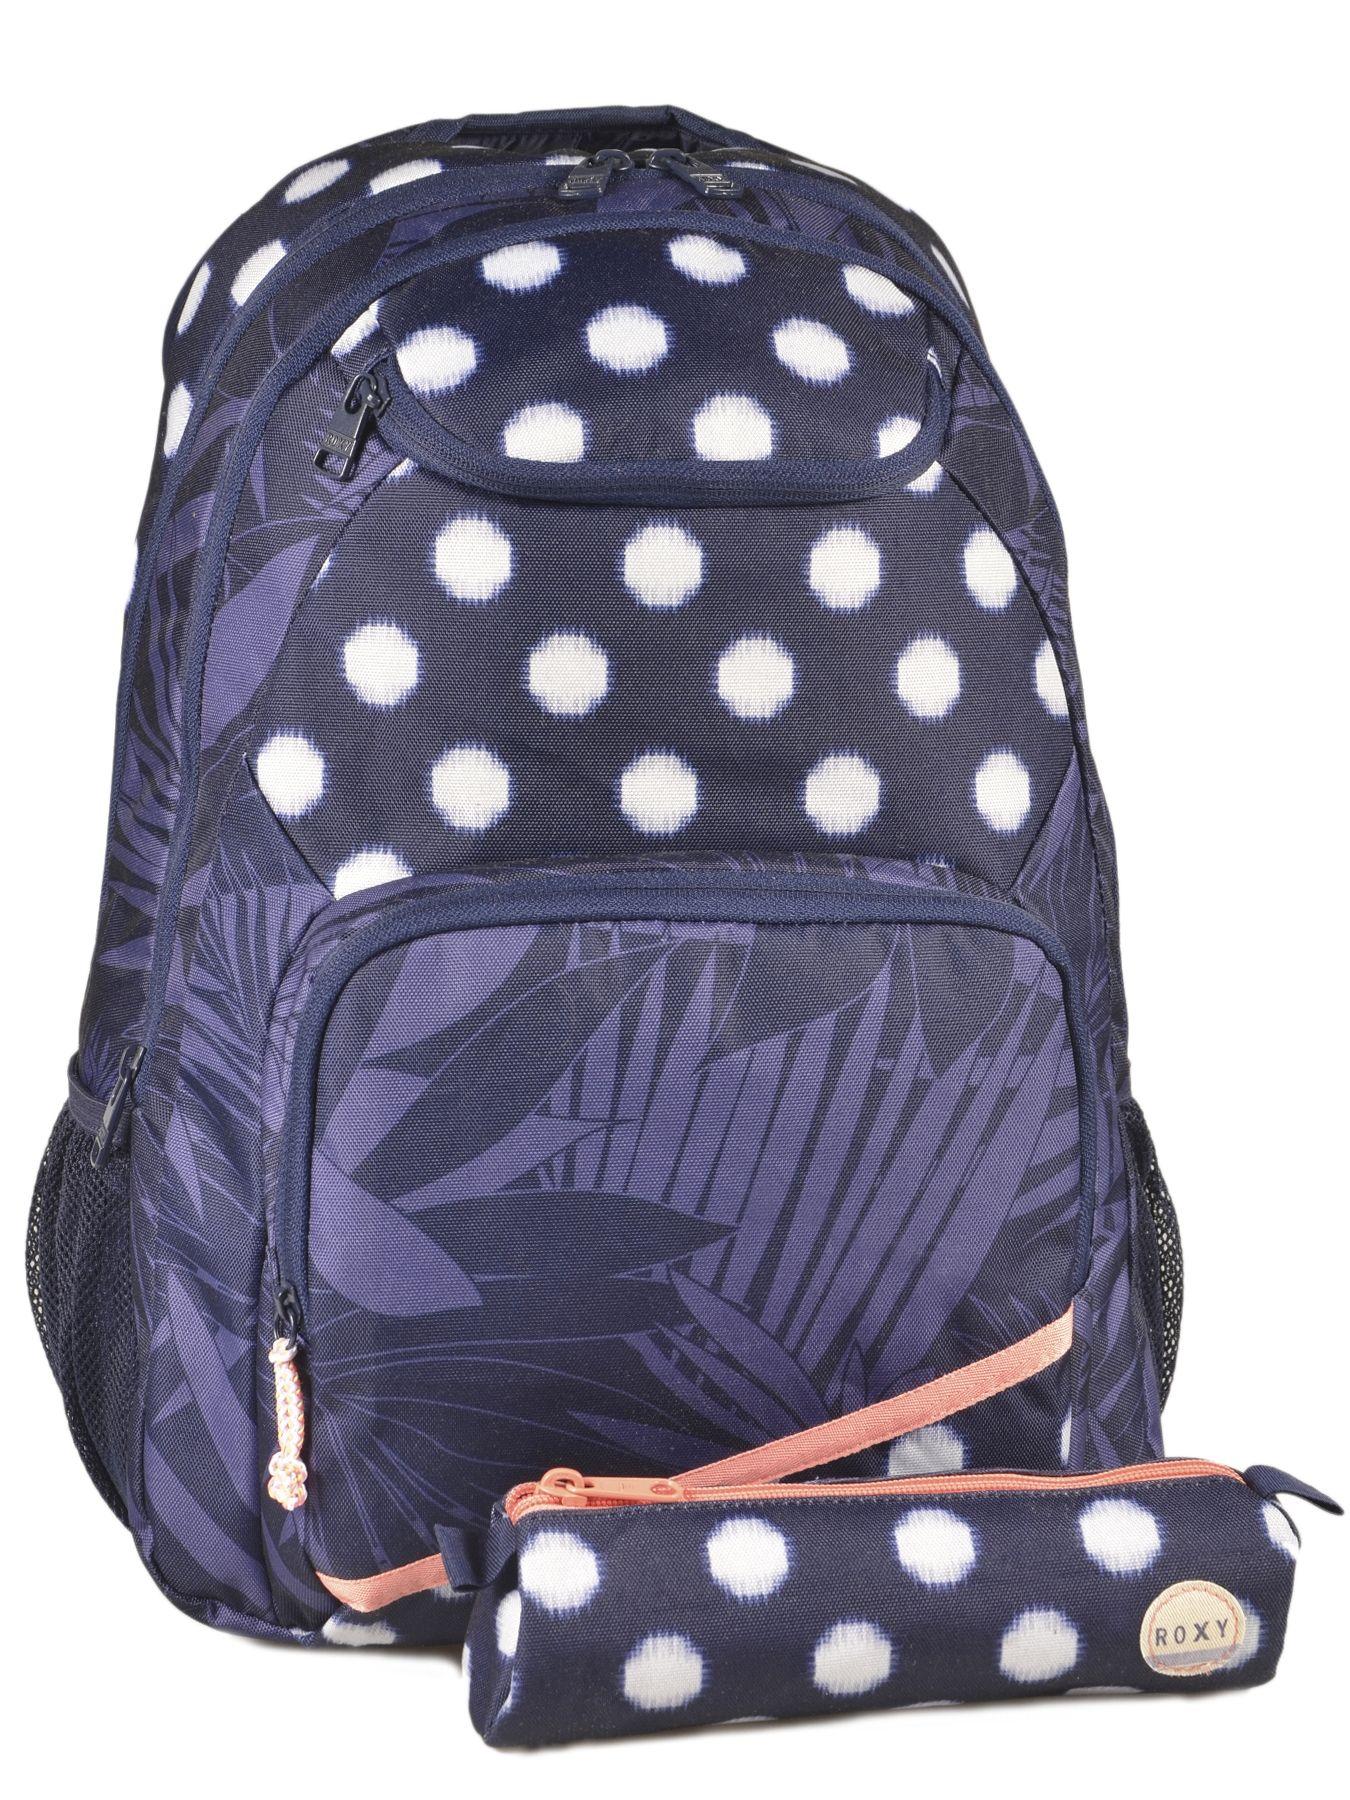 backpack roxy backpack jbp03103 best prices. Black Bedroom Furniture Sets. Home Design Ideas